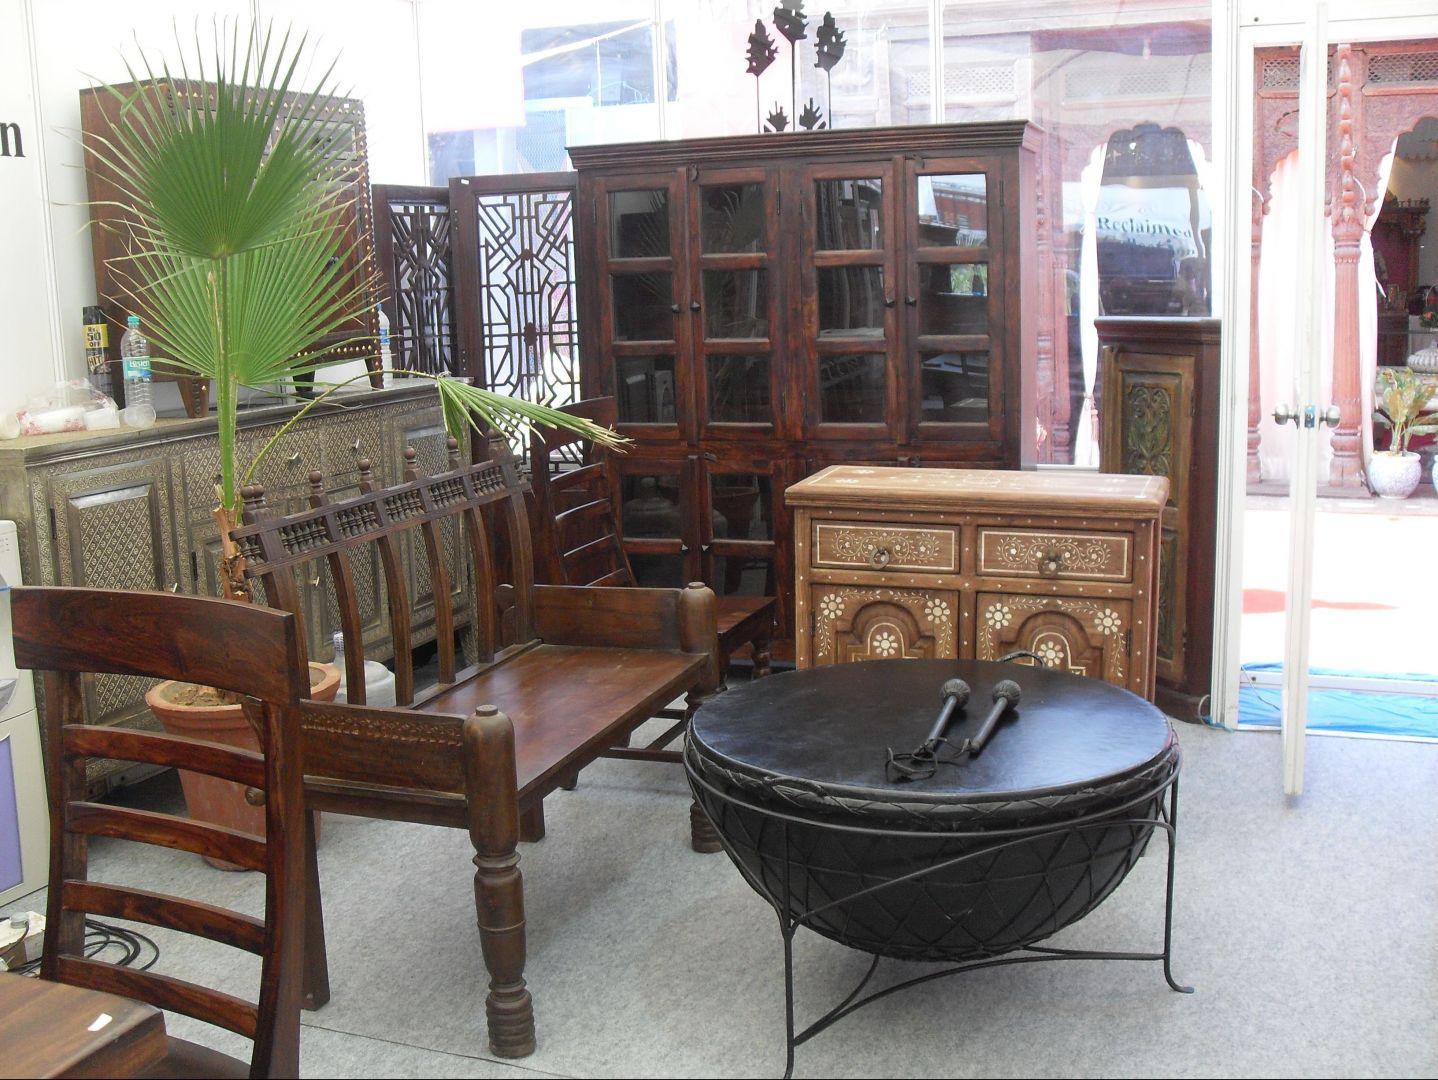 Jeden z największych producentów indyjskich – firma Shekhawati (Rajasthan) oferuje m.in. meble w stylistyce kolonialnej. Fot. Urszula Koronczewska.